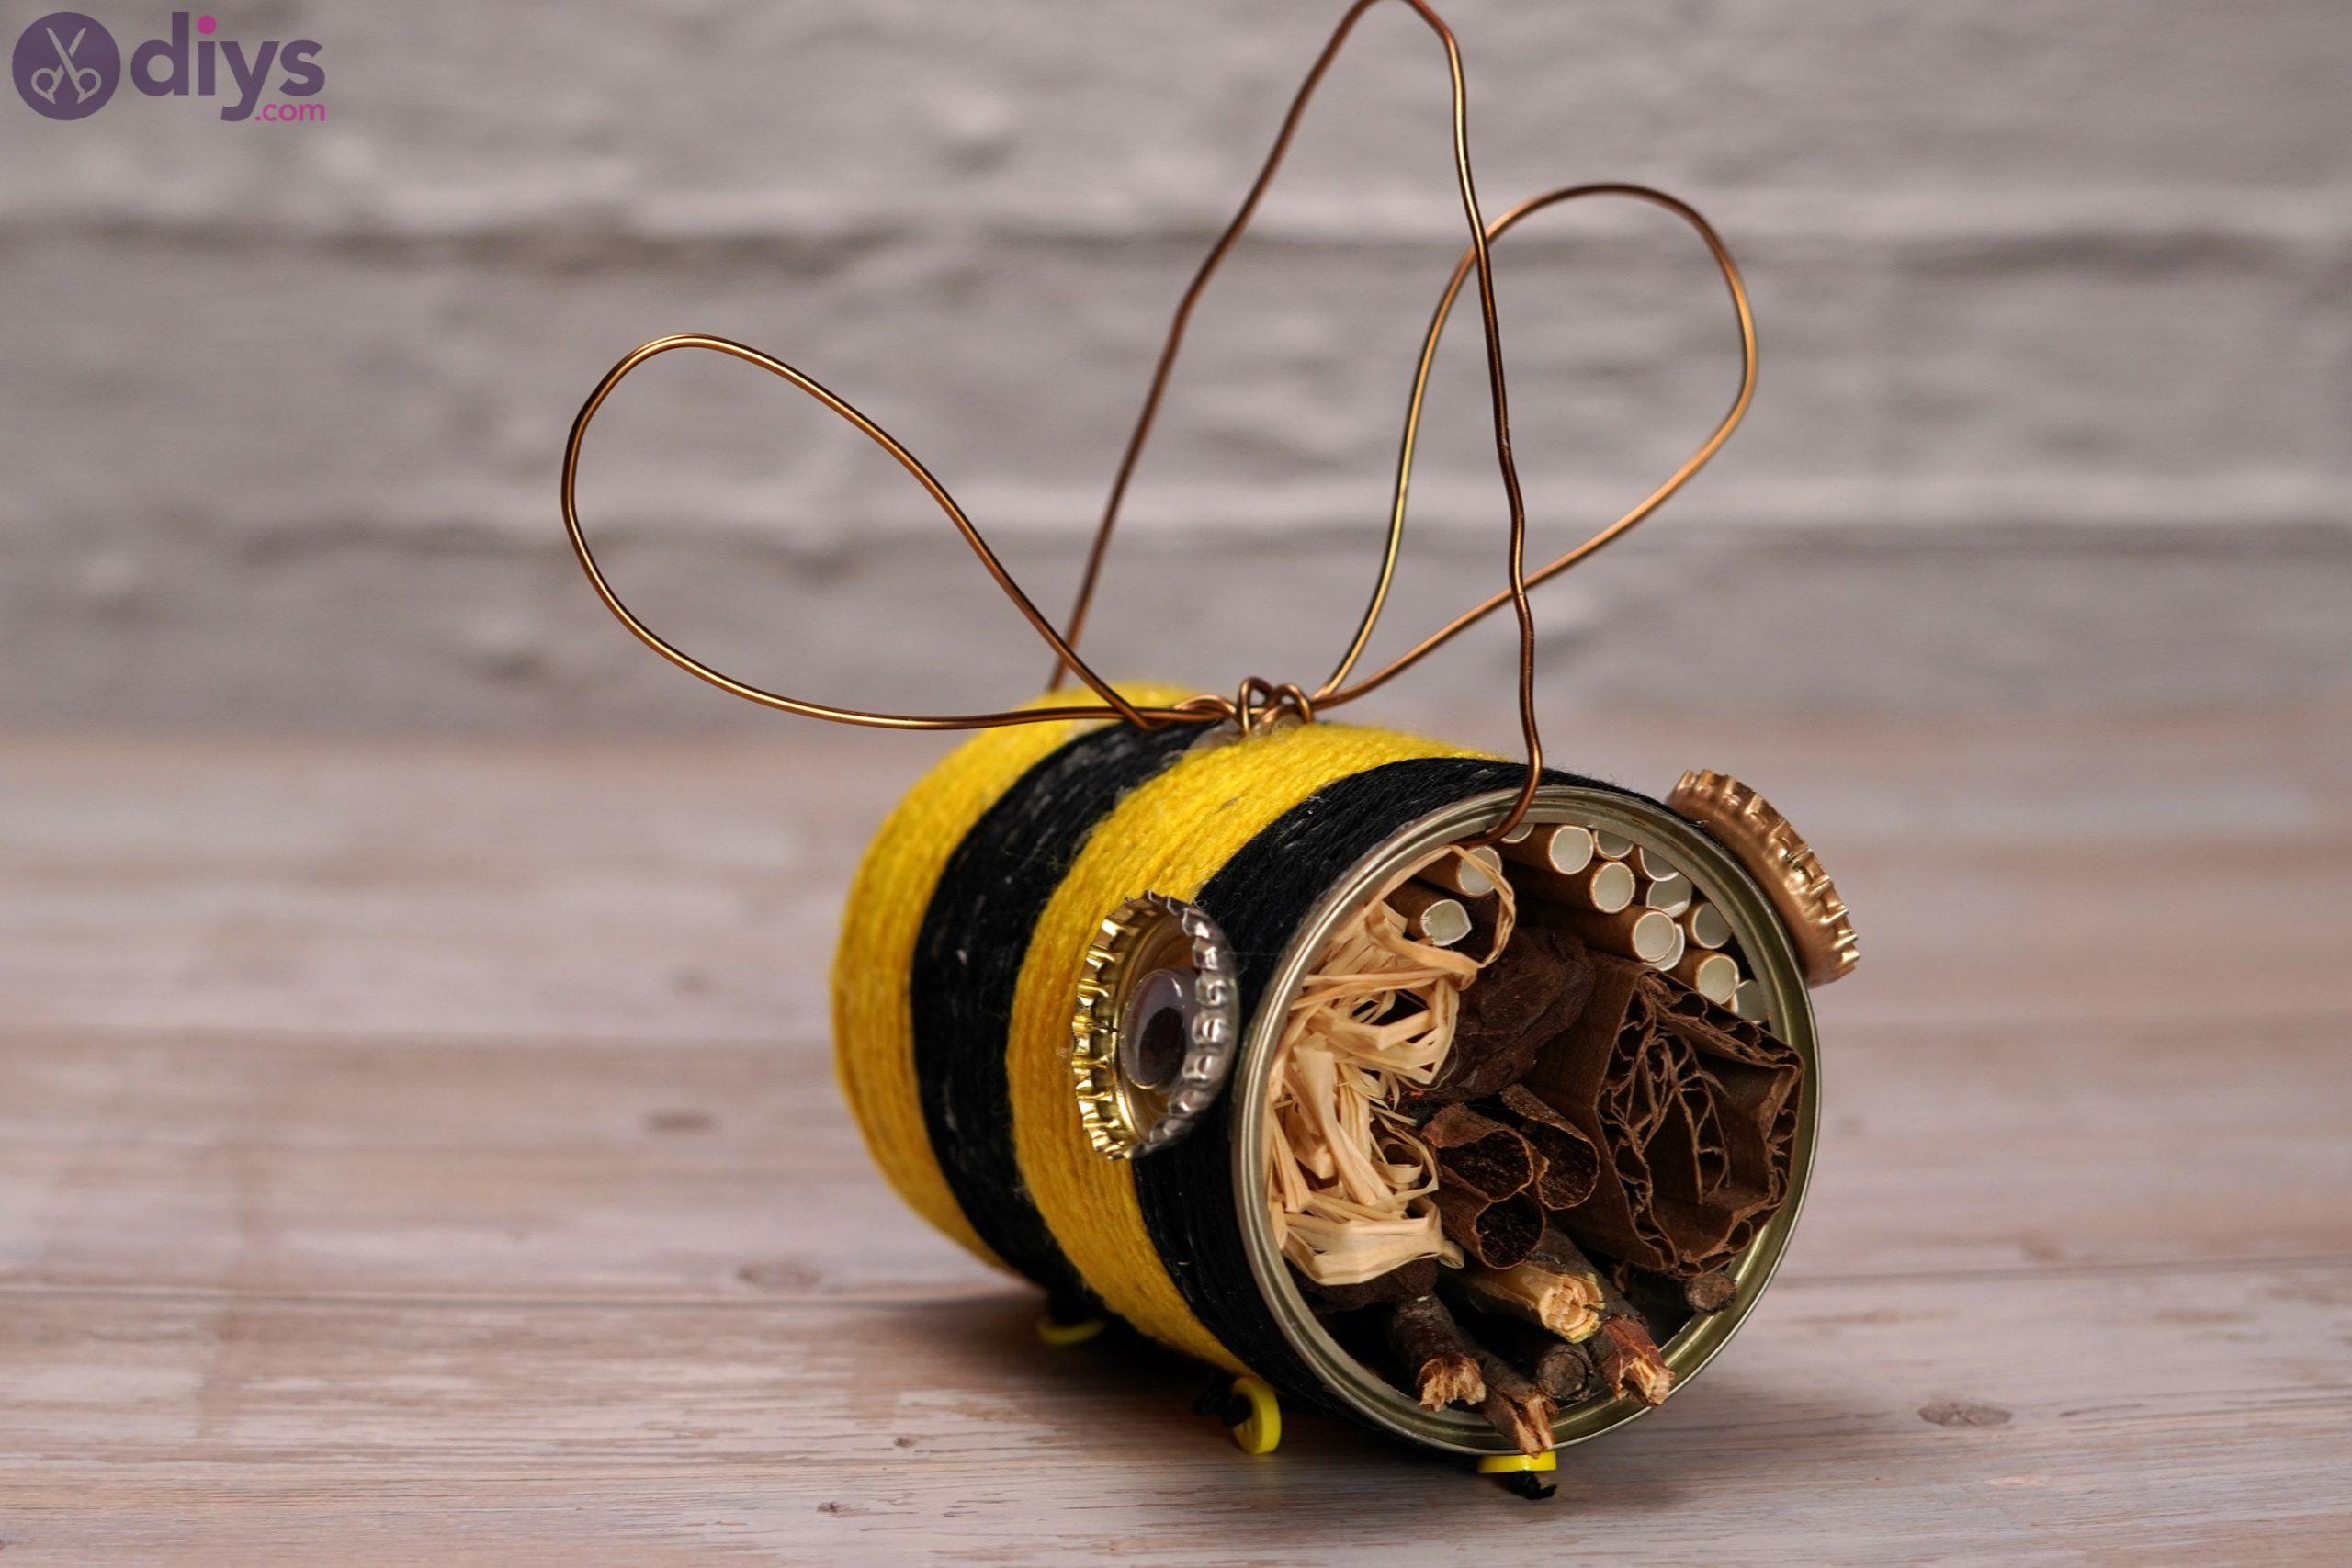 Tin bee hotel photos (8)